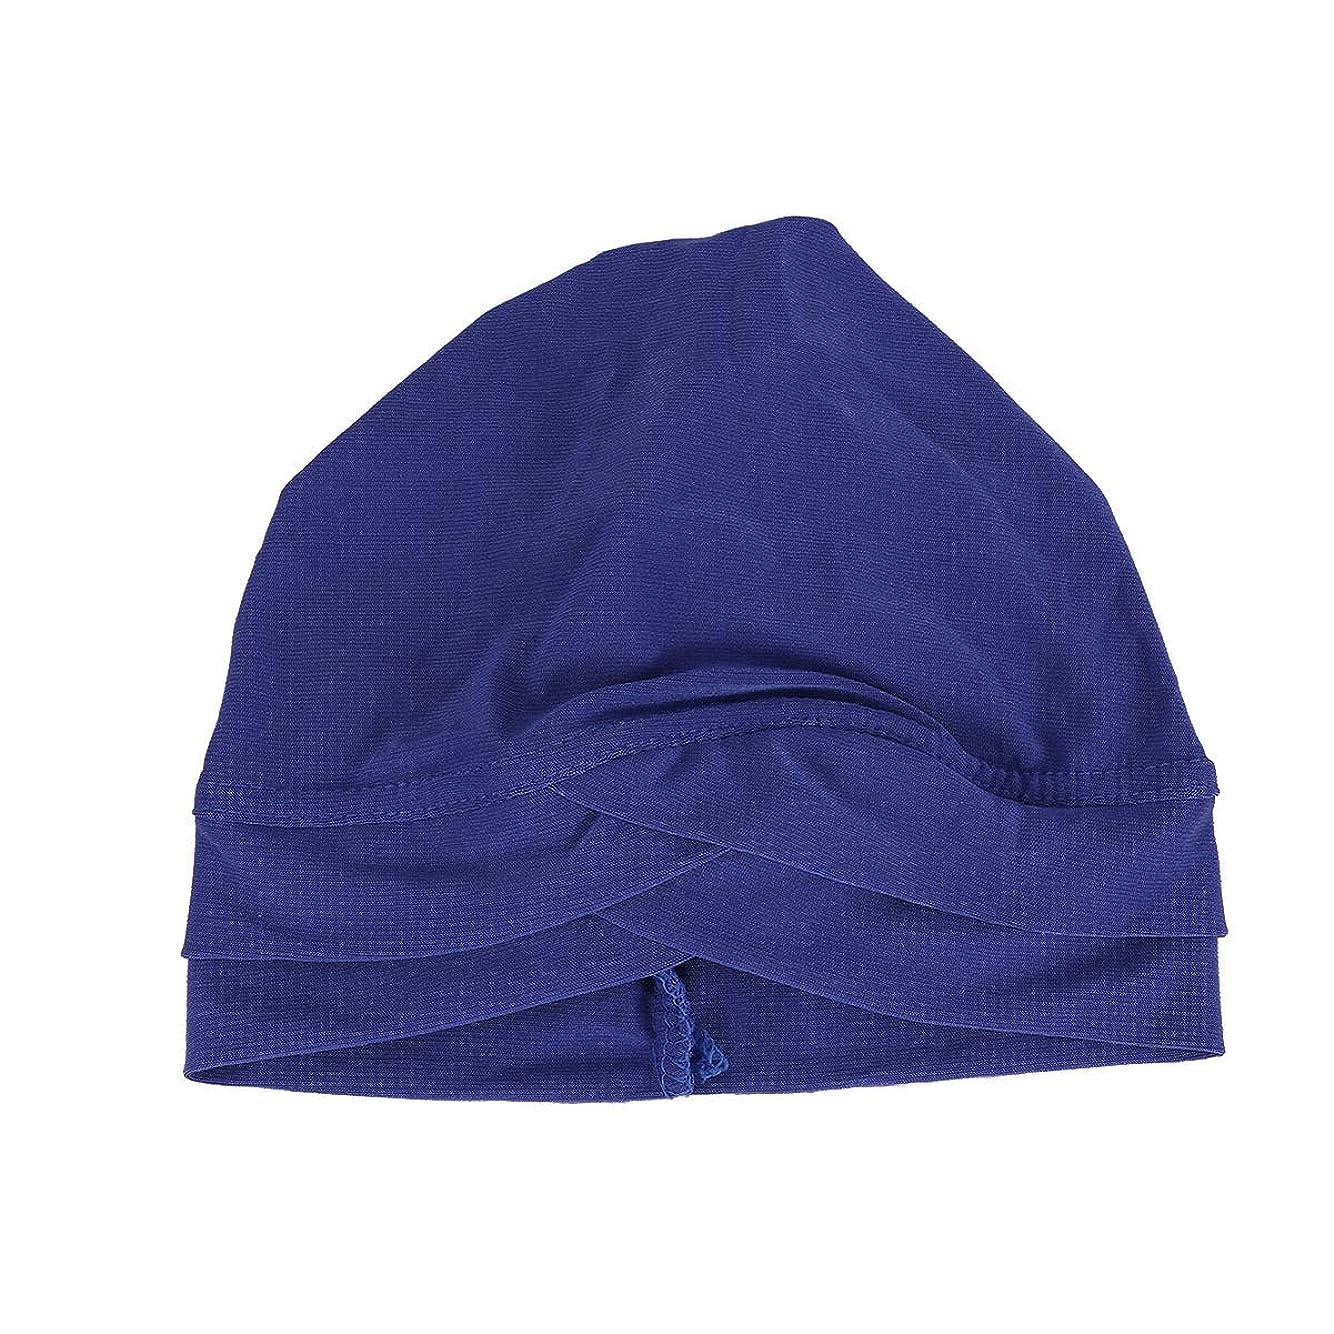 横たわる典型的な純正HEALLILY レディーススリープソフトターバン事前に結ばれたコットンインドケモキャップ額クロスインドハット(ブルー)